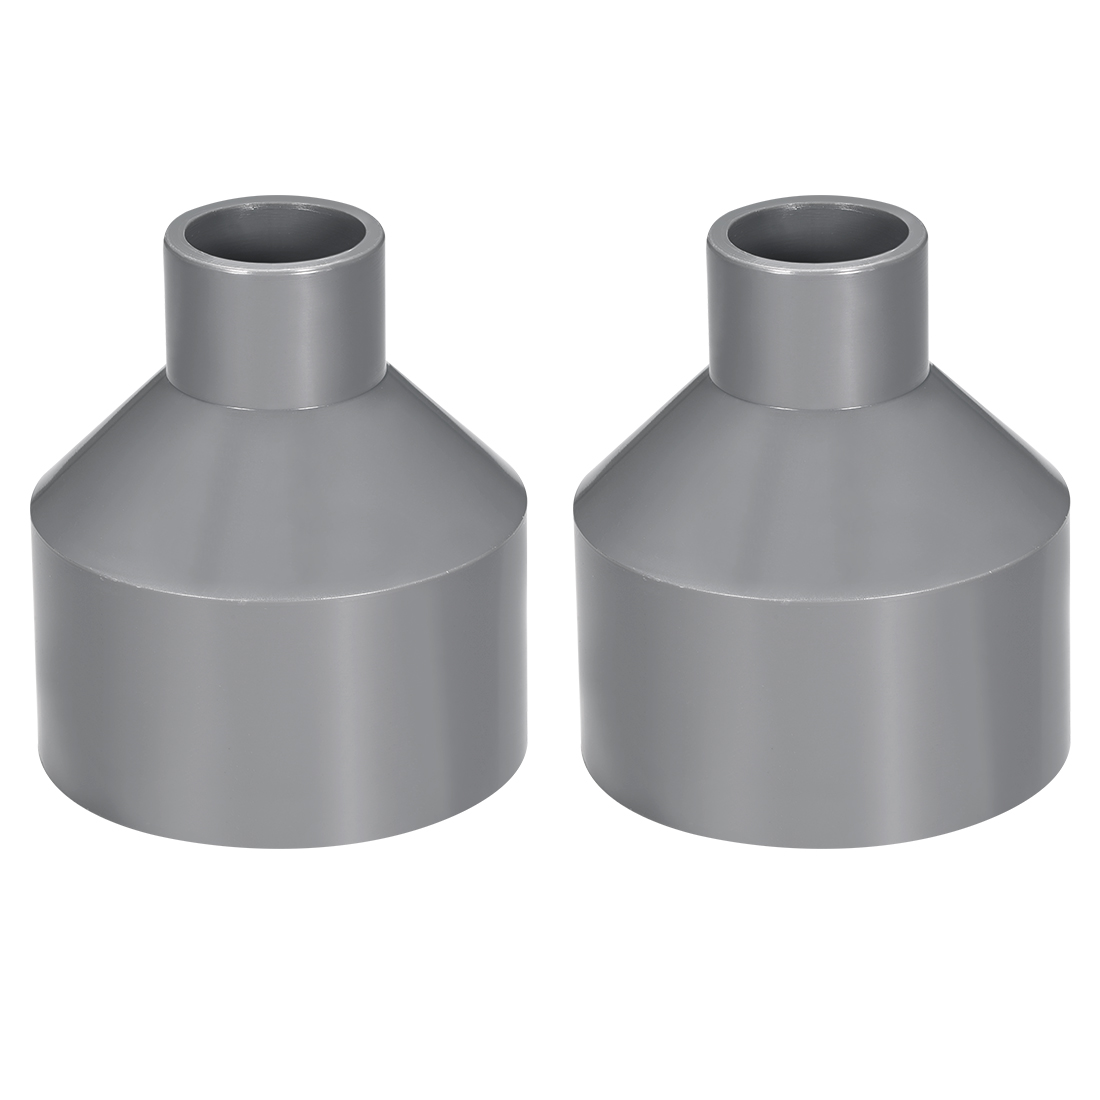 75mm x 32mm PVC Reducing Coupling Hub by Hub, DWV Pipe Fitting, Gray 2Pcs